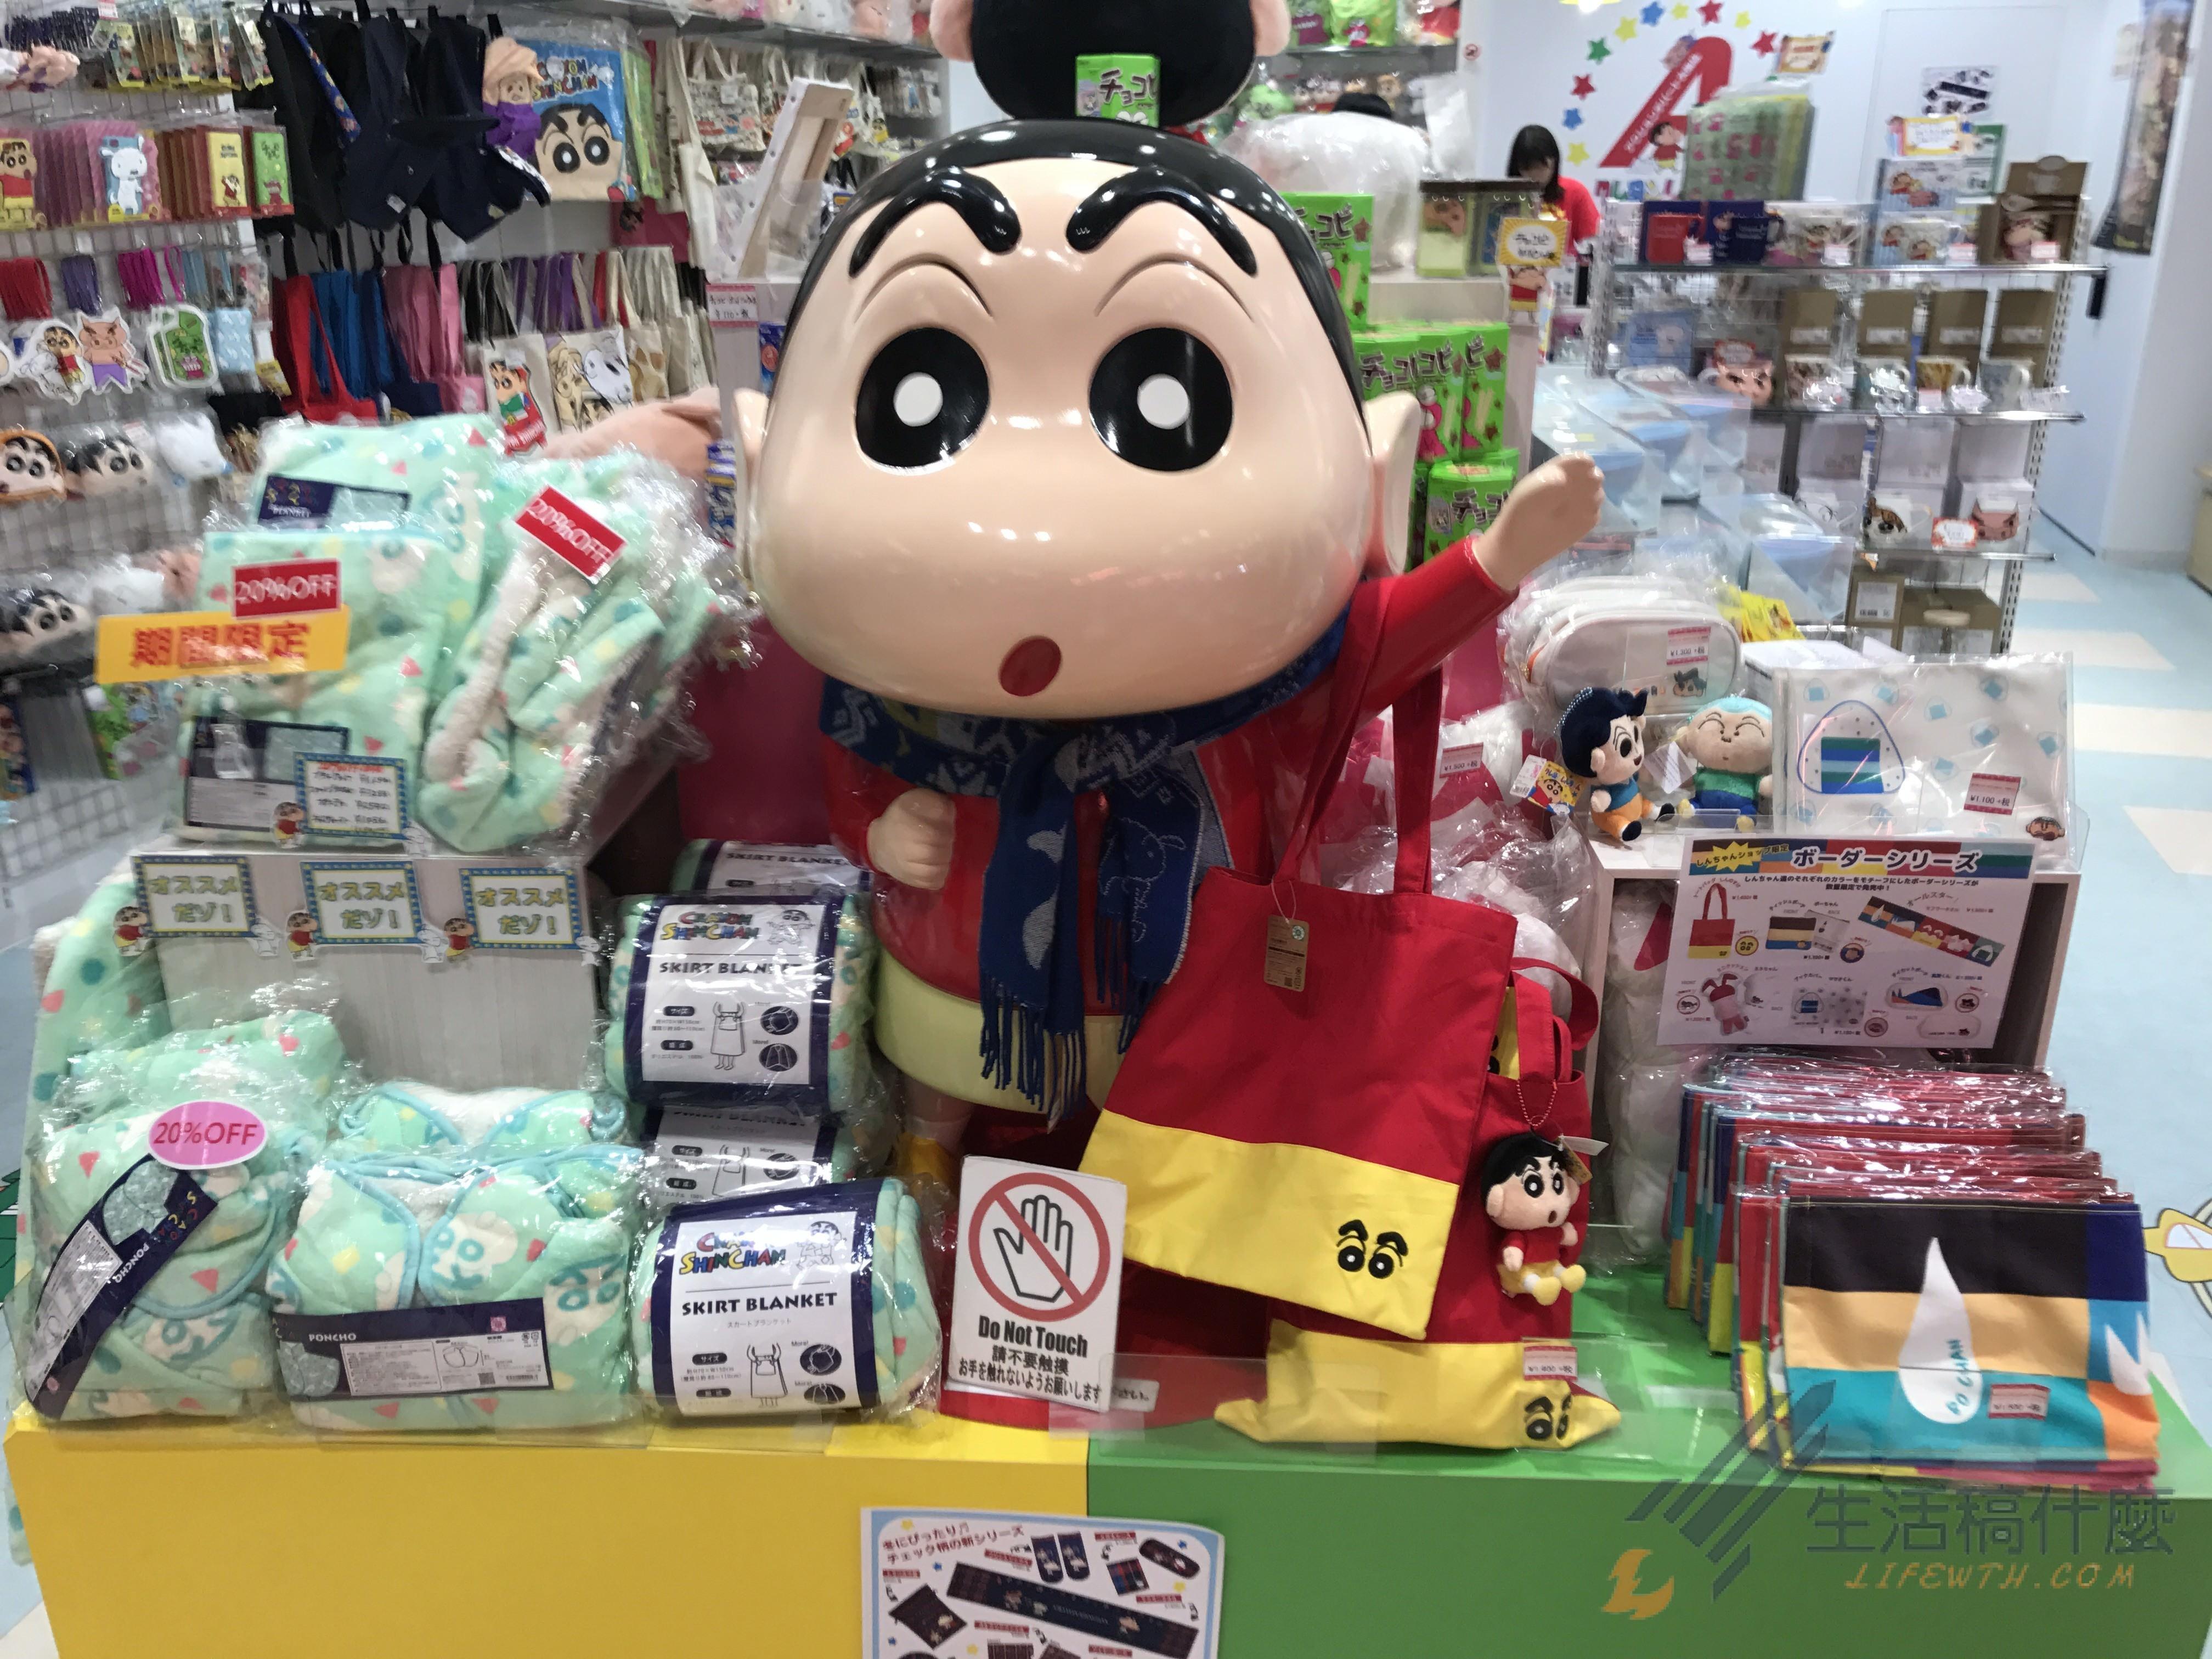 大阪梅田》HEP FIVE蠟筆小新官方商品專賣店